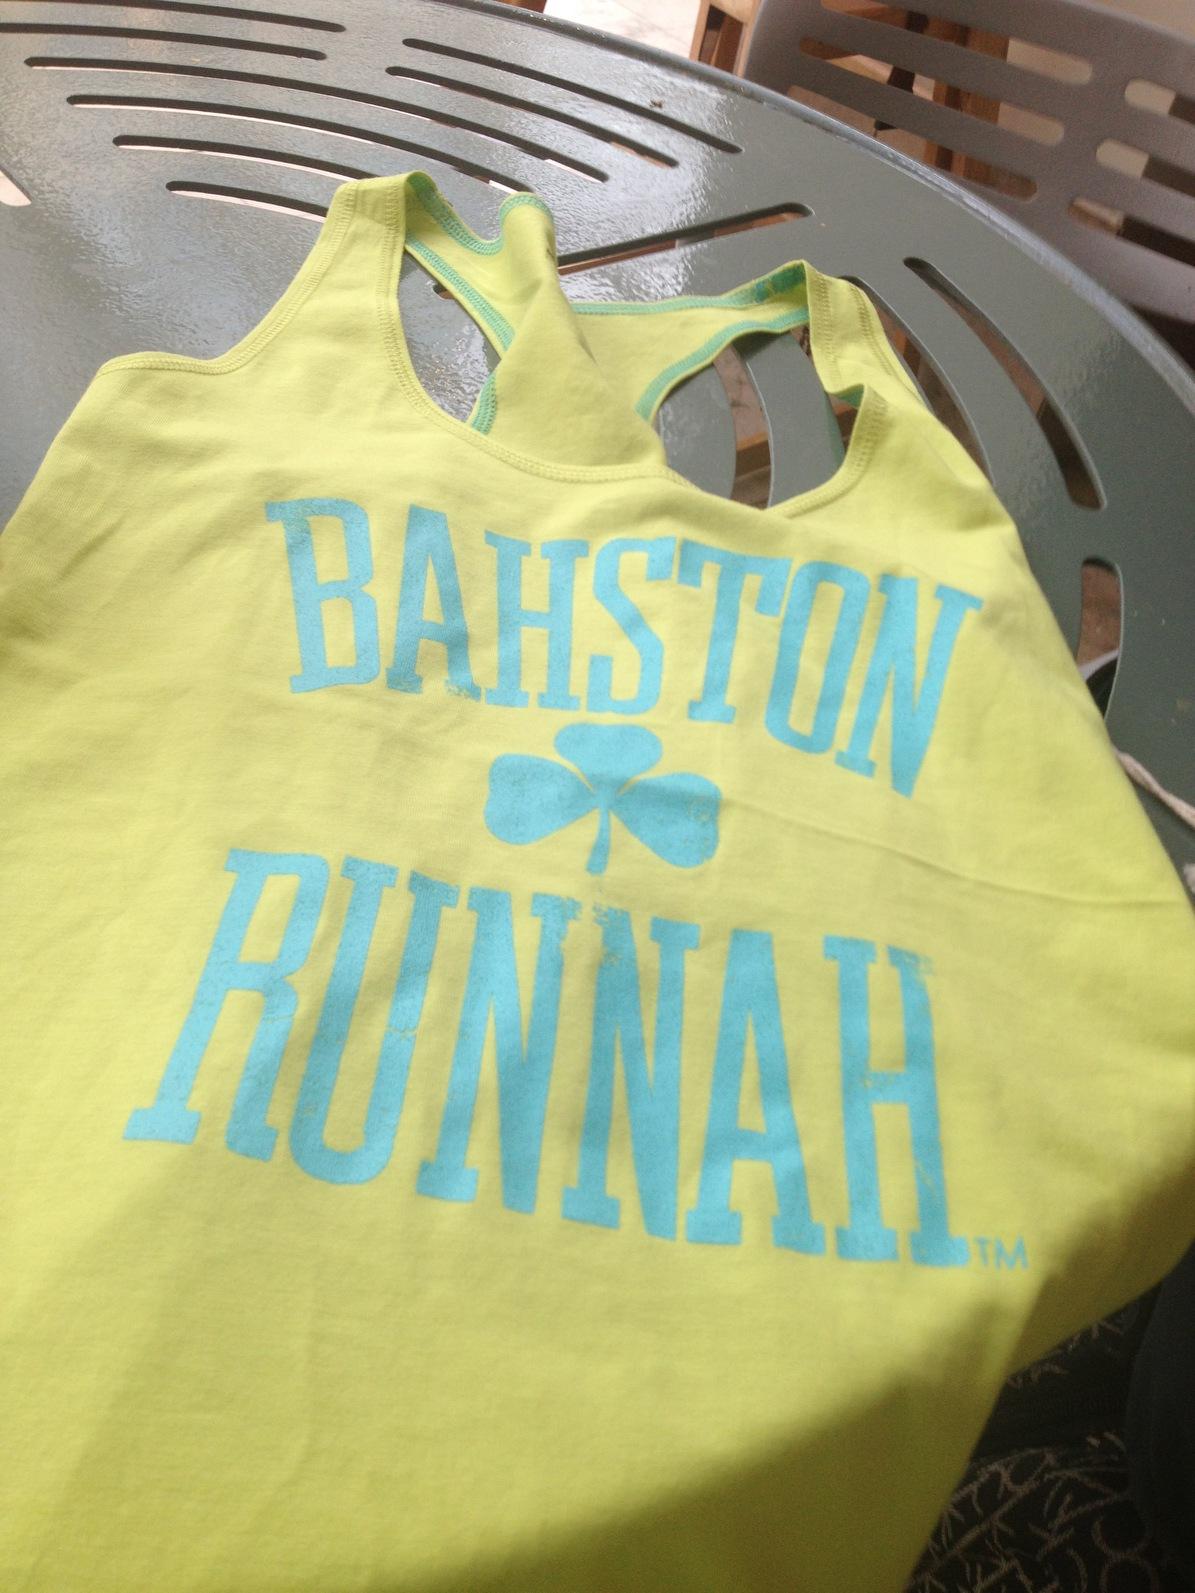 Boston Marathonite by association!